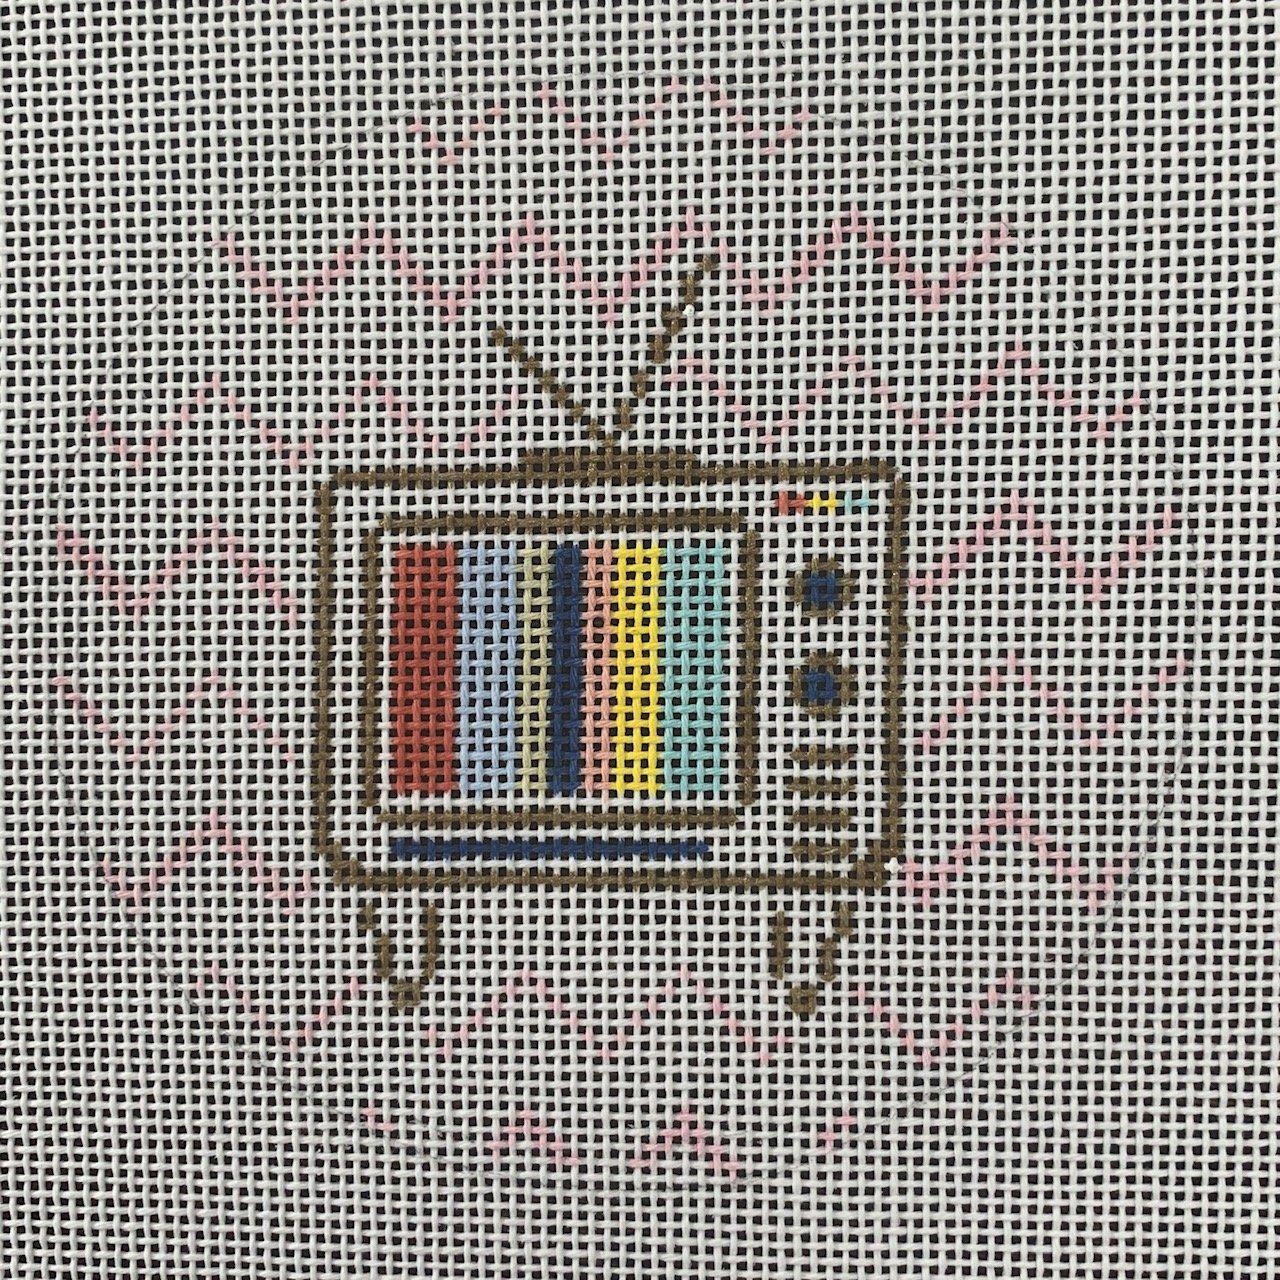 Retro Series - Television